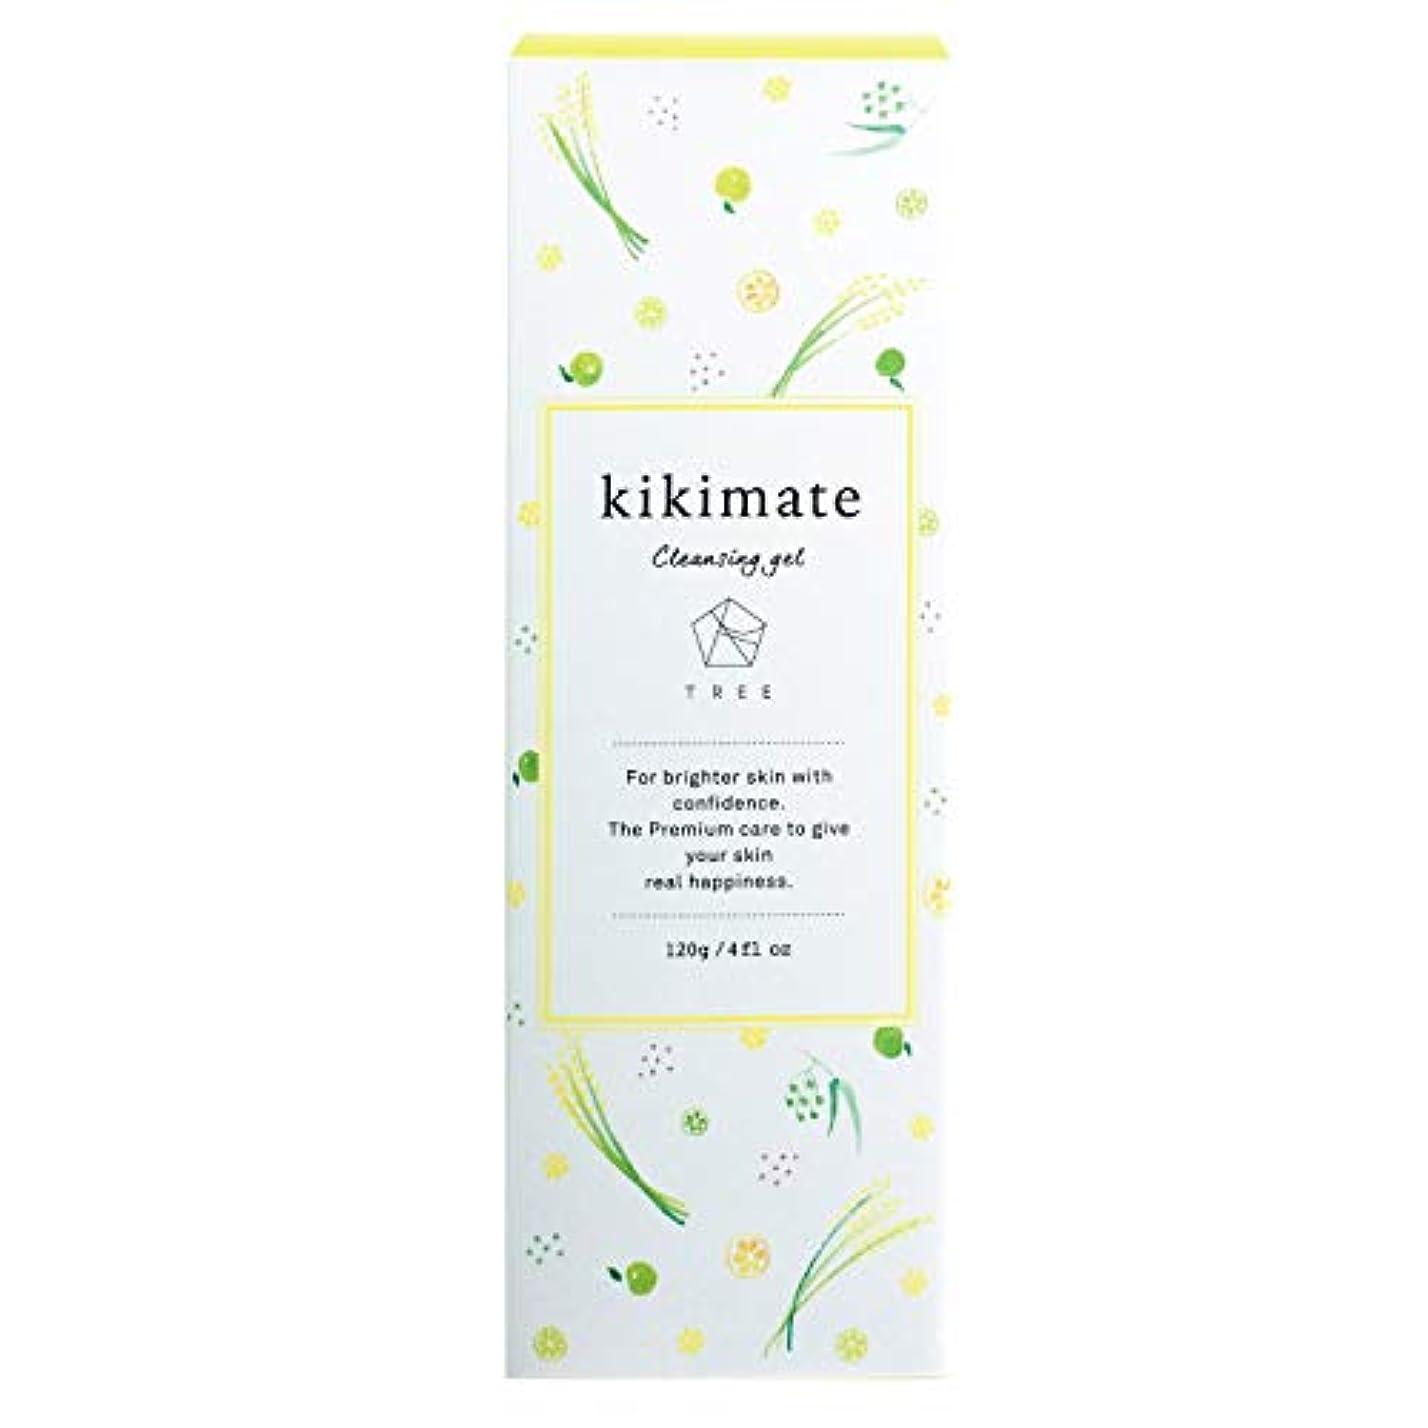 平均ささいな一緒< kikimate クレンジングジェル > キキメイト 低刺激 オーガニック スキンケア 洗顔 120g ~毛穴?黒ずみに優しくアプローチ~